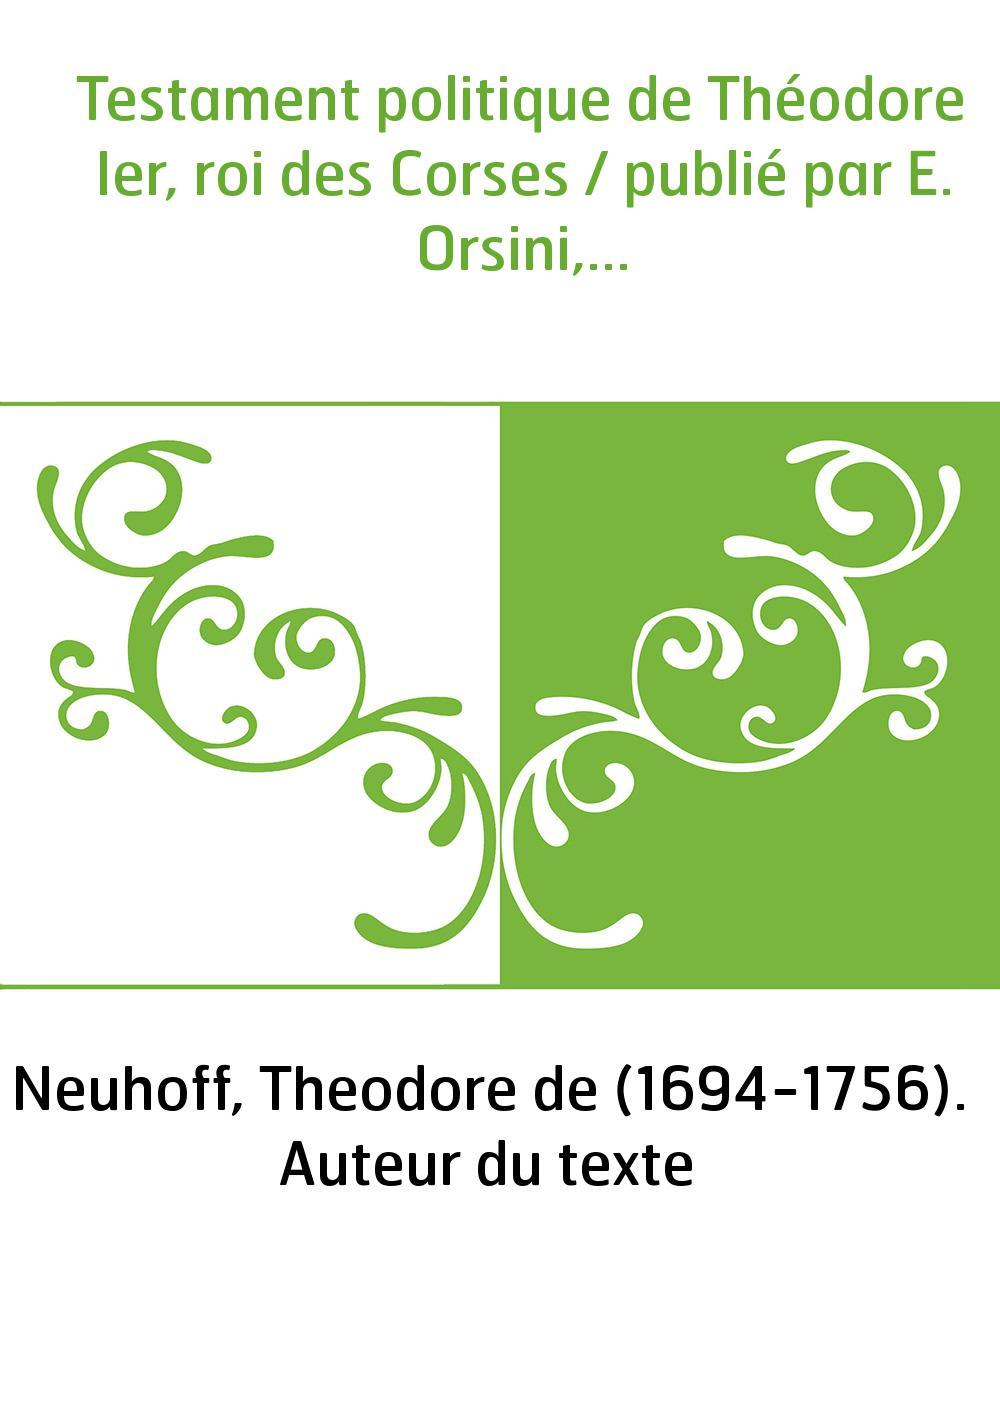 Testament politique de Théodore Ier, roi des Corses / publié par E. Orsini,...